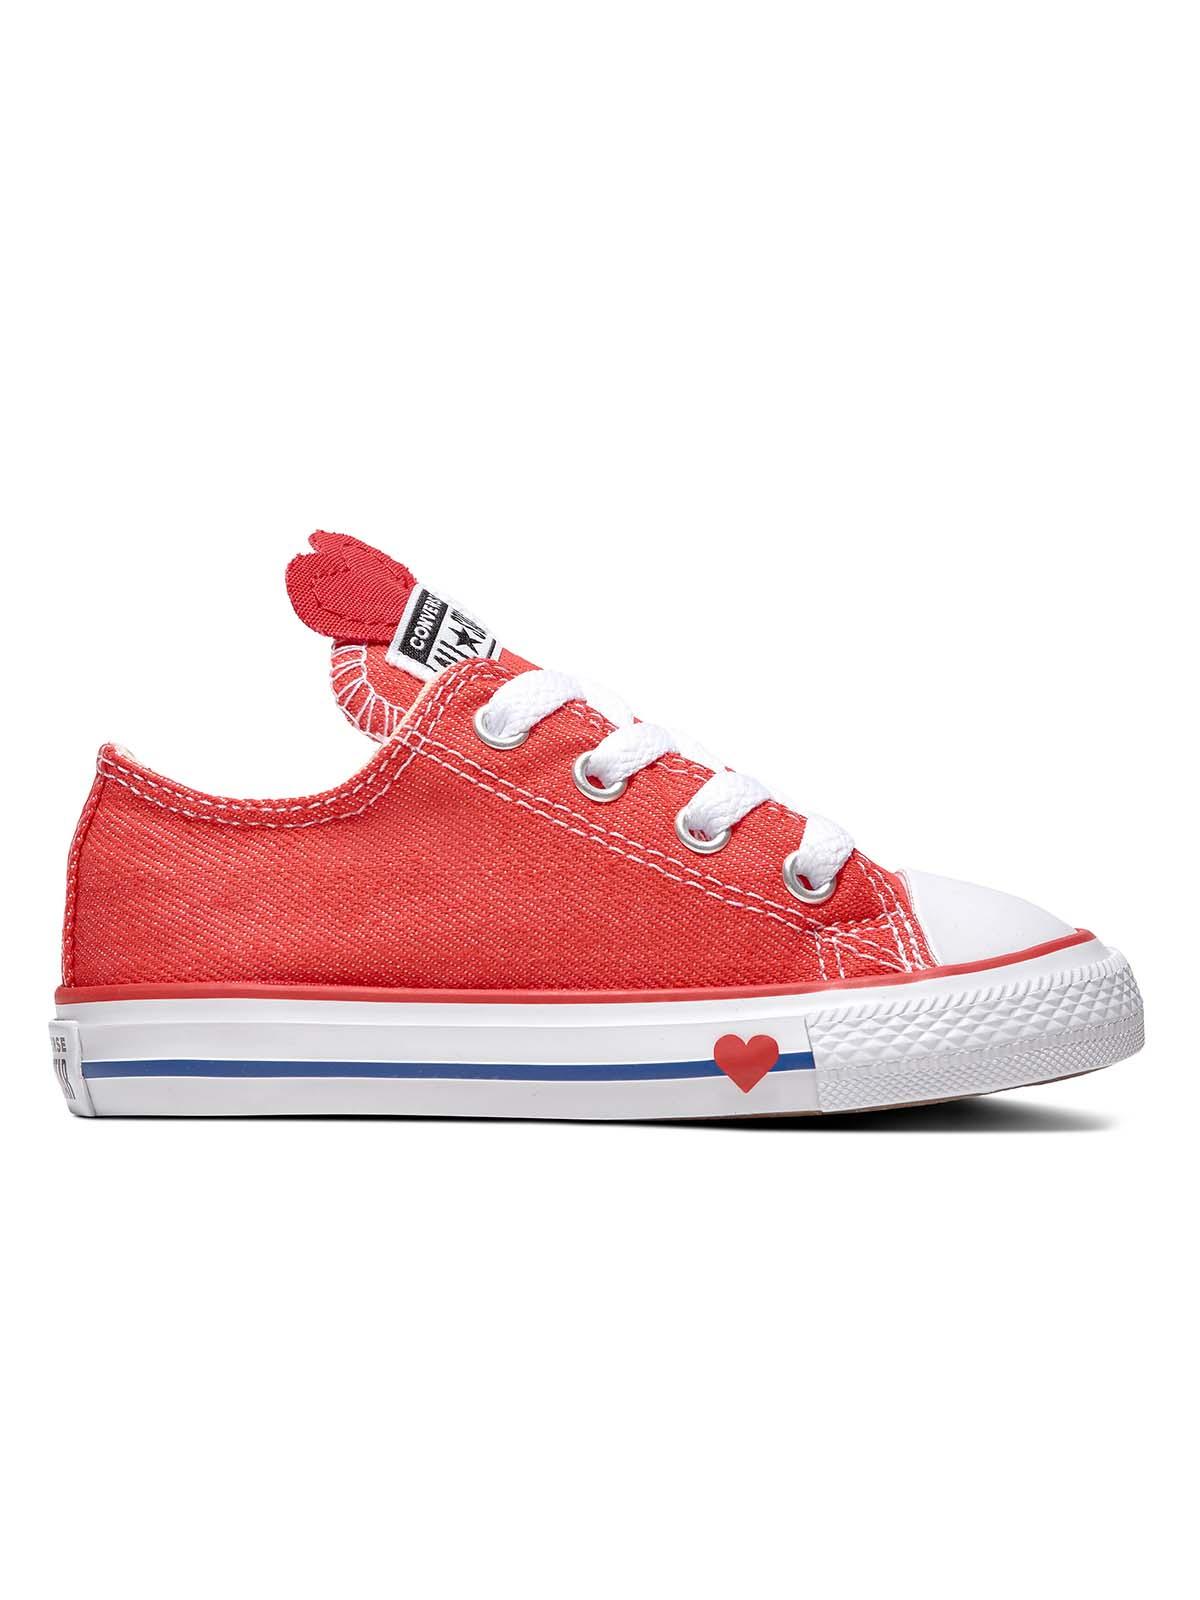 Converse תינוקות // דנים לב אדום חצי